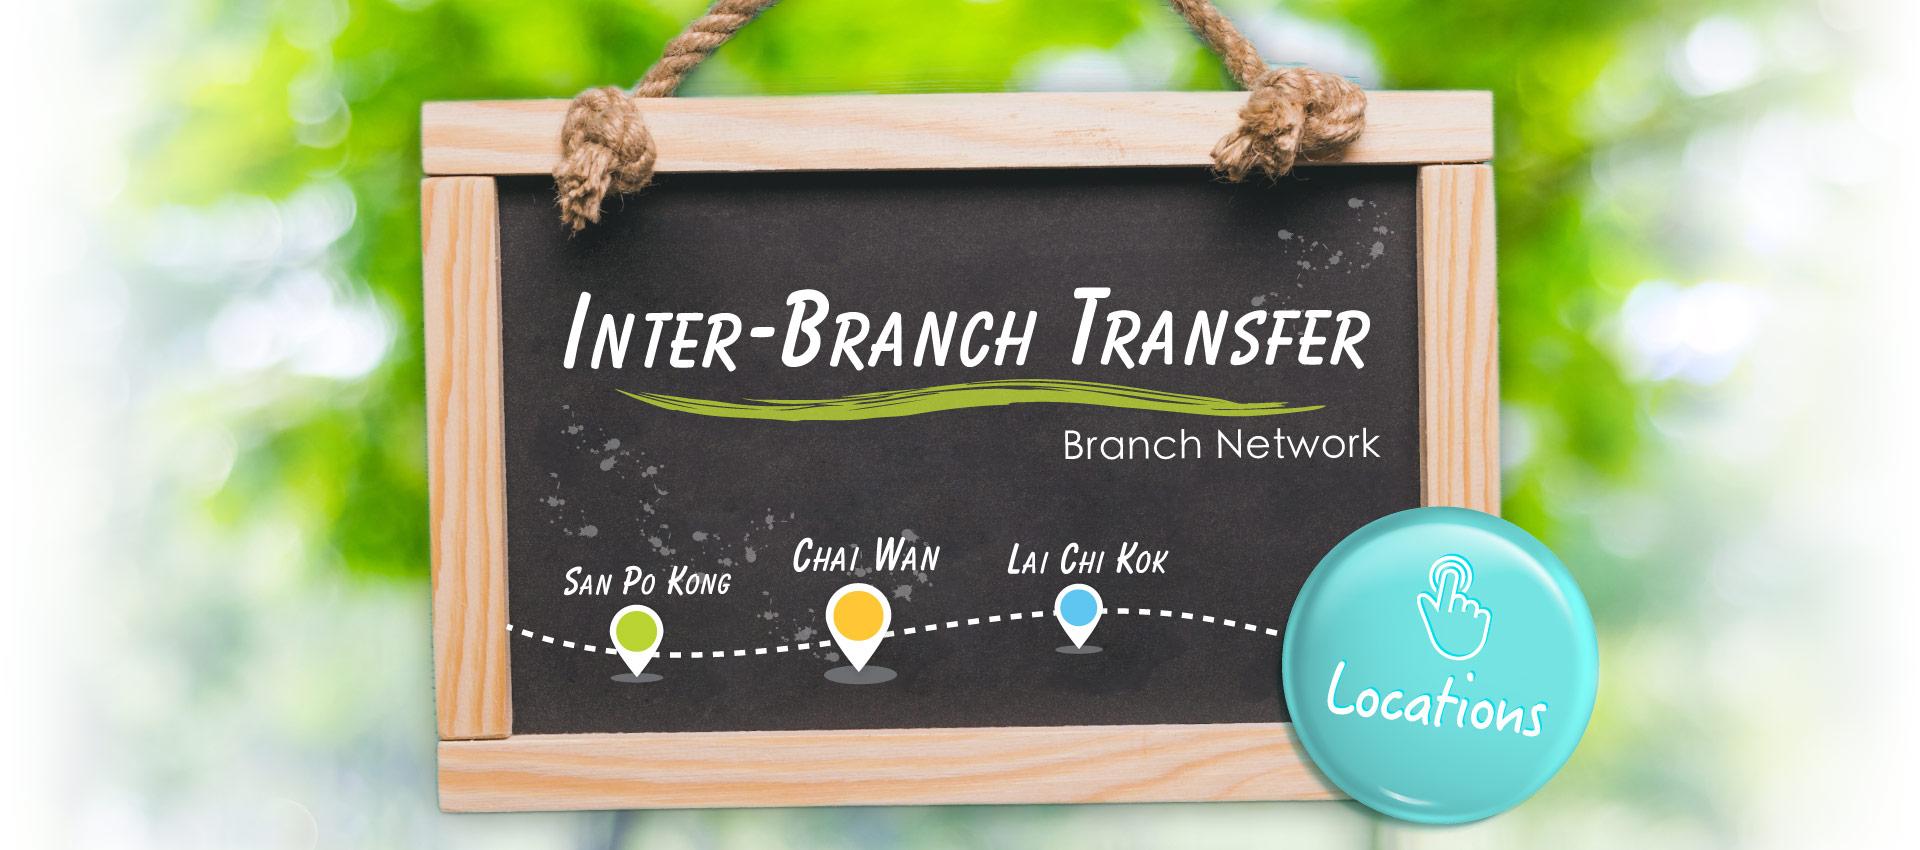 U space Inter-Branch Transfer